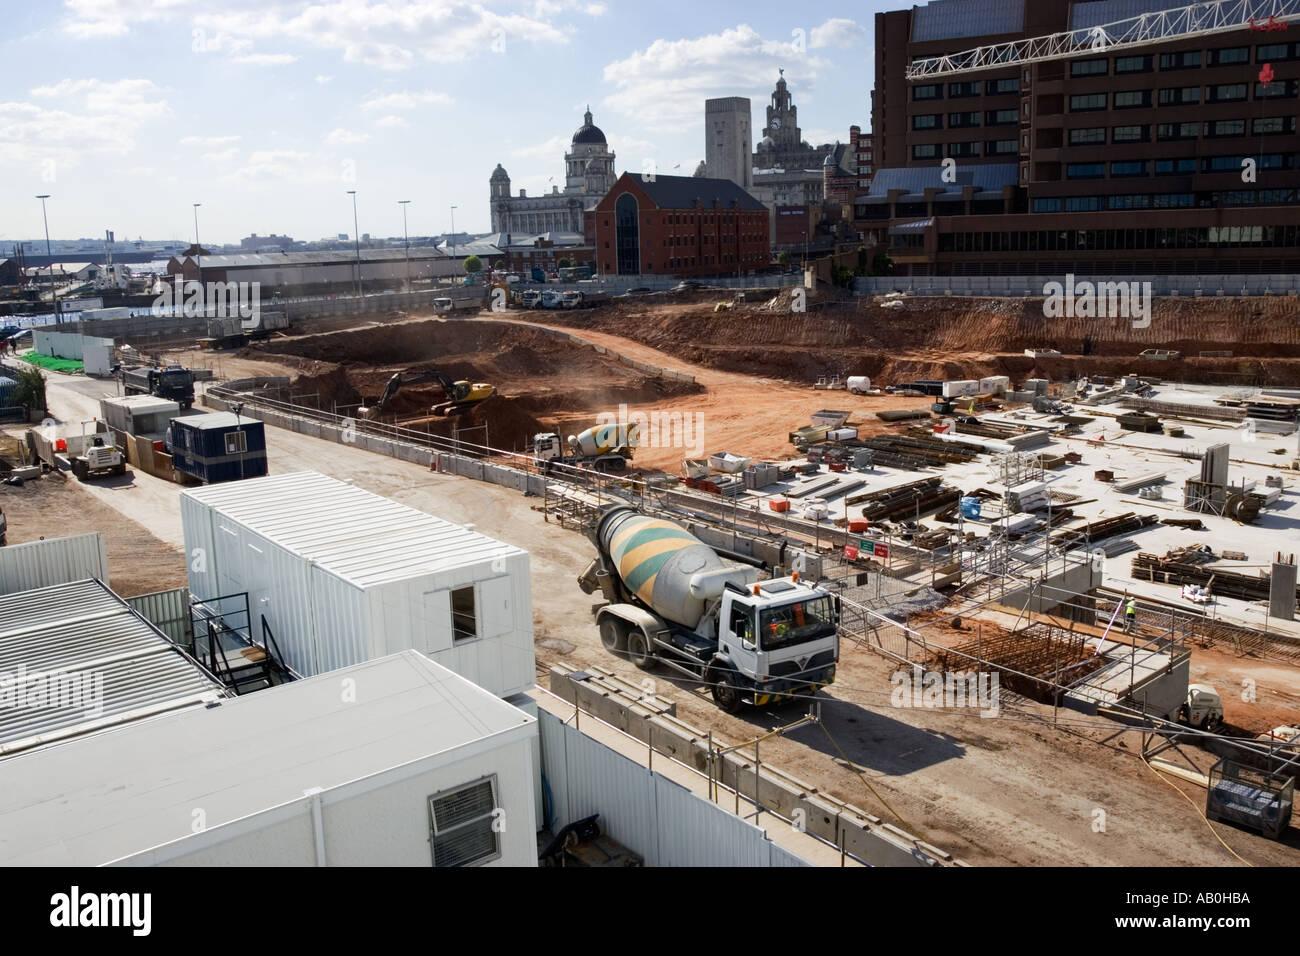 Städtischen Baustelle - ein Stadtzentrum regeneration Projekt, Großbritannien Stockbild